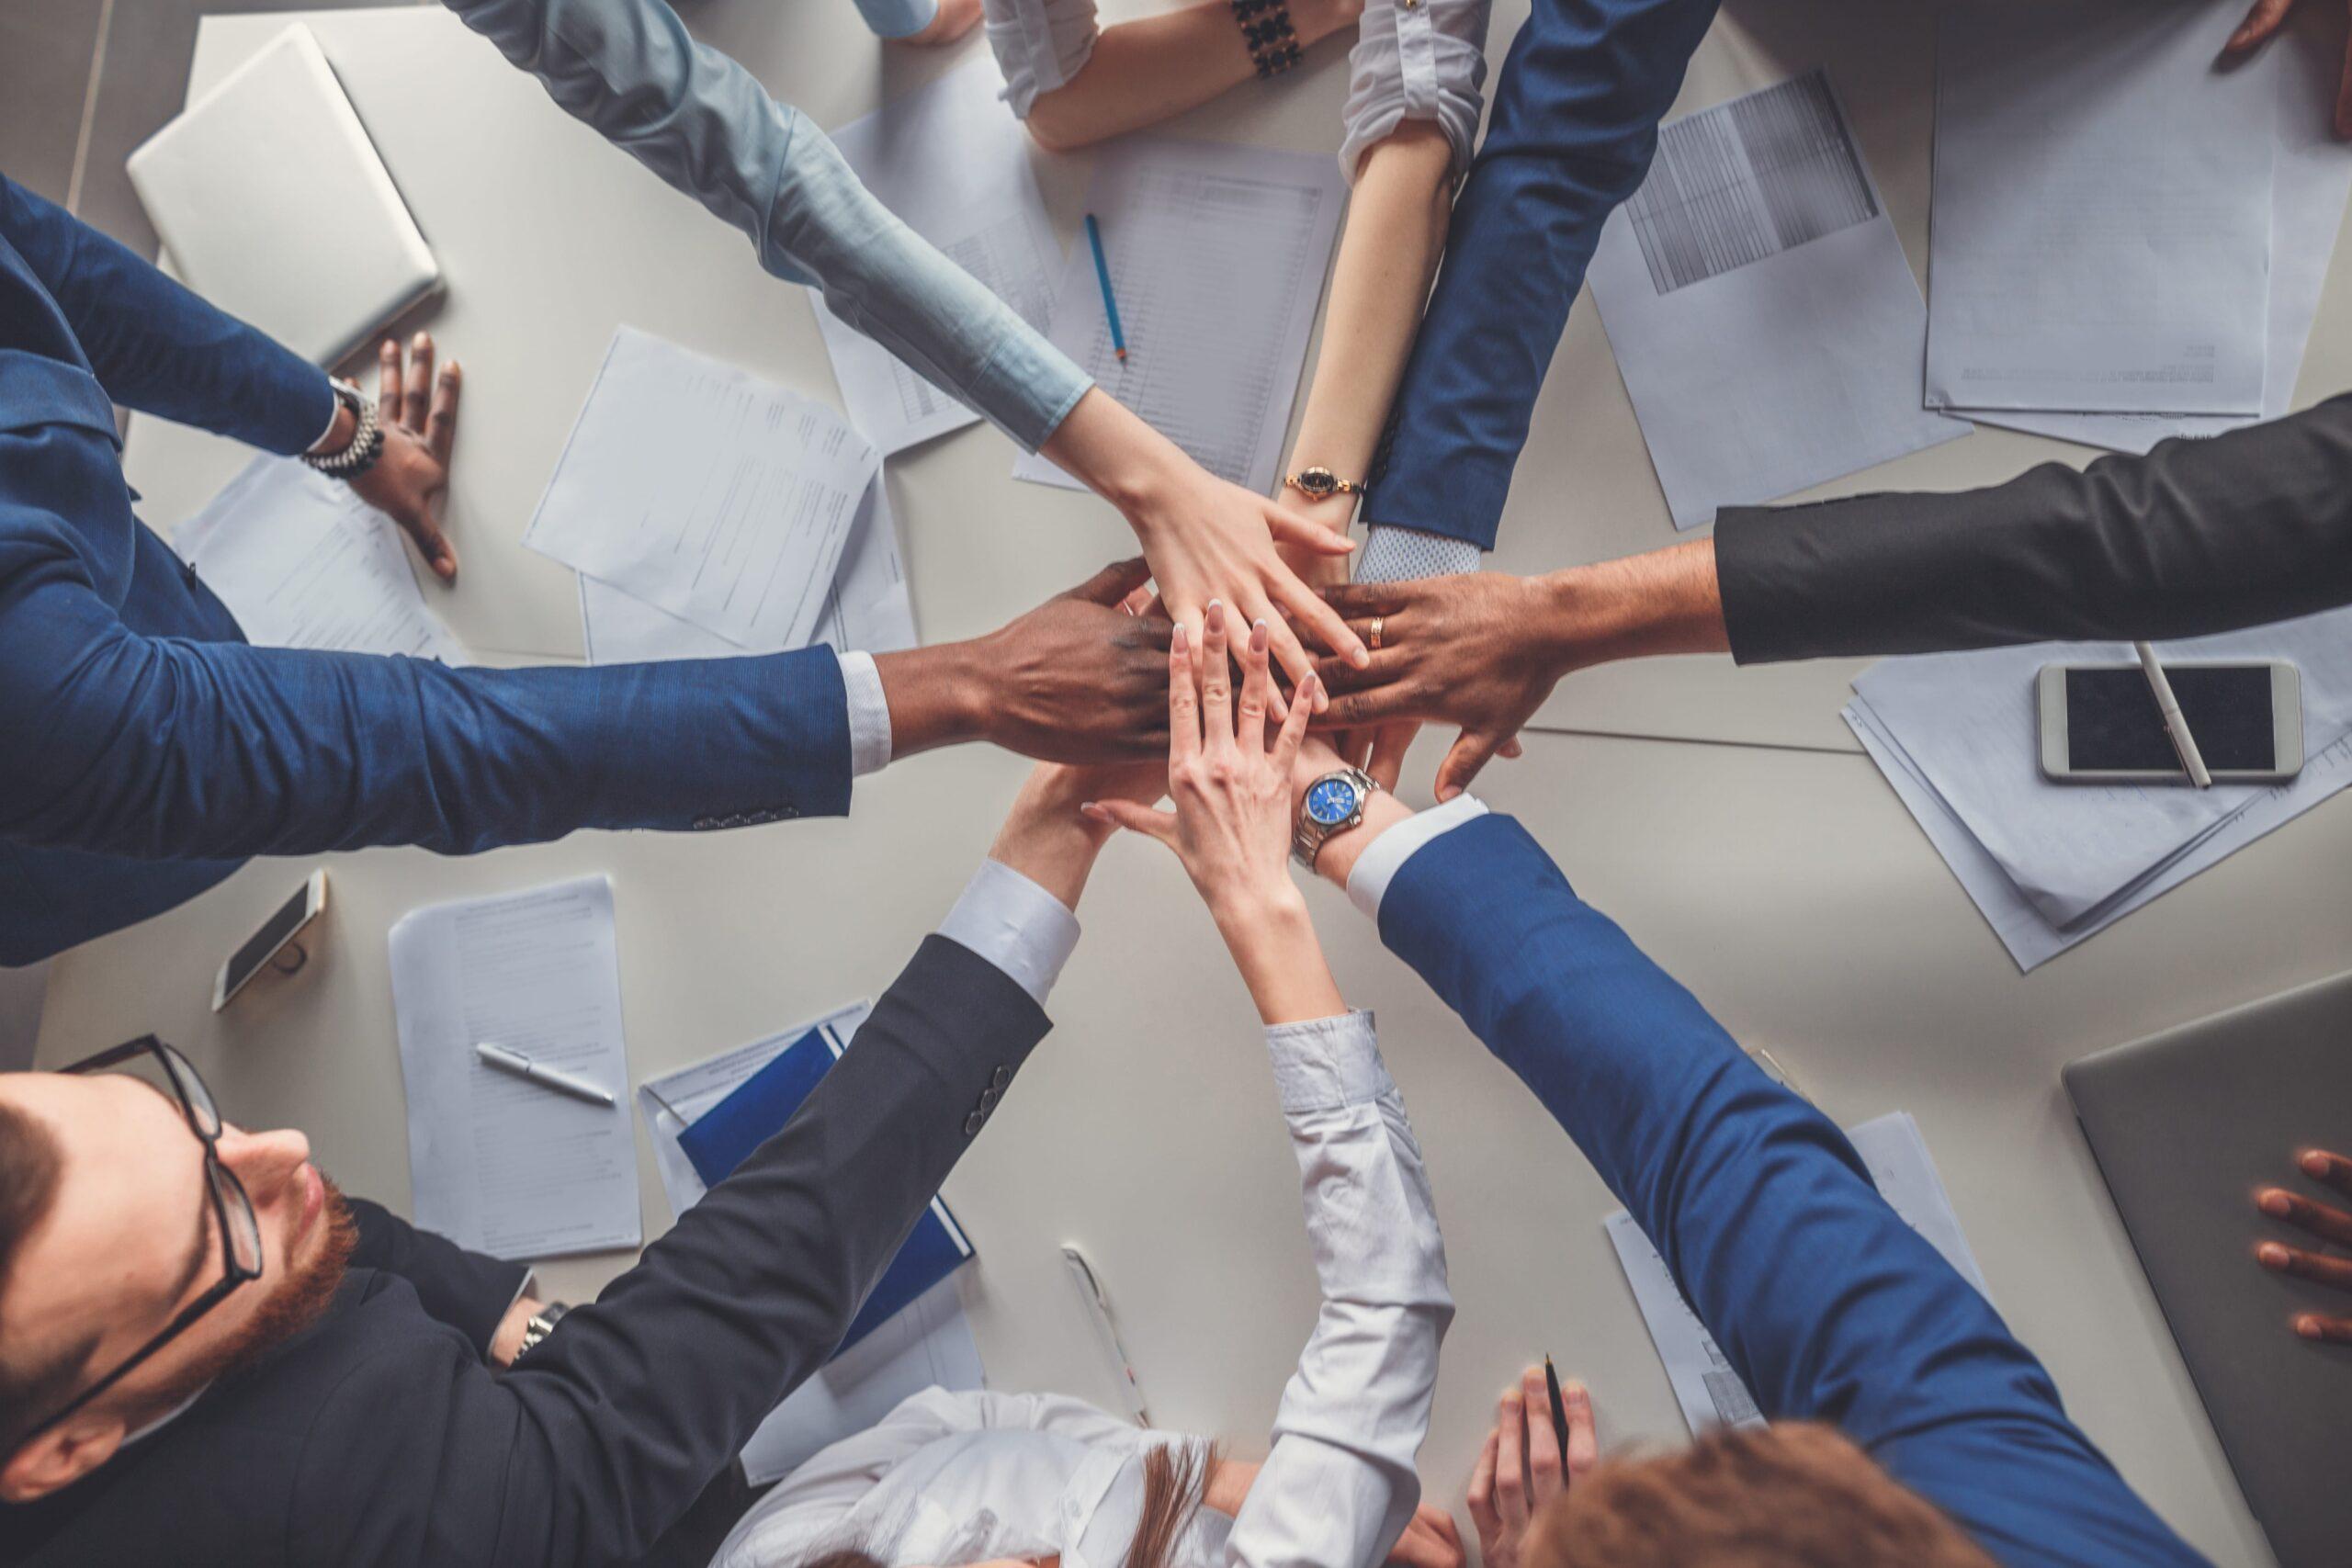 Como estruturar uma empresa mais inclusiva e diversa?